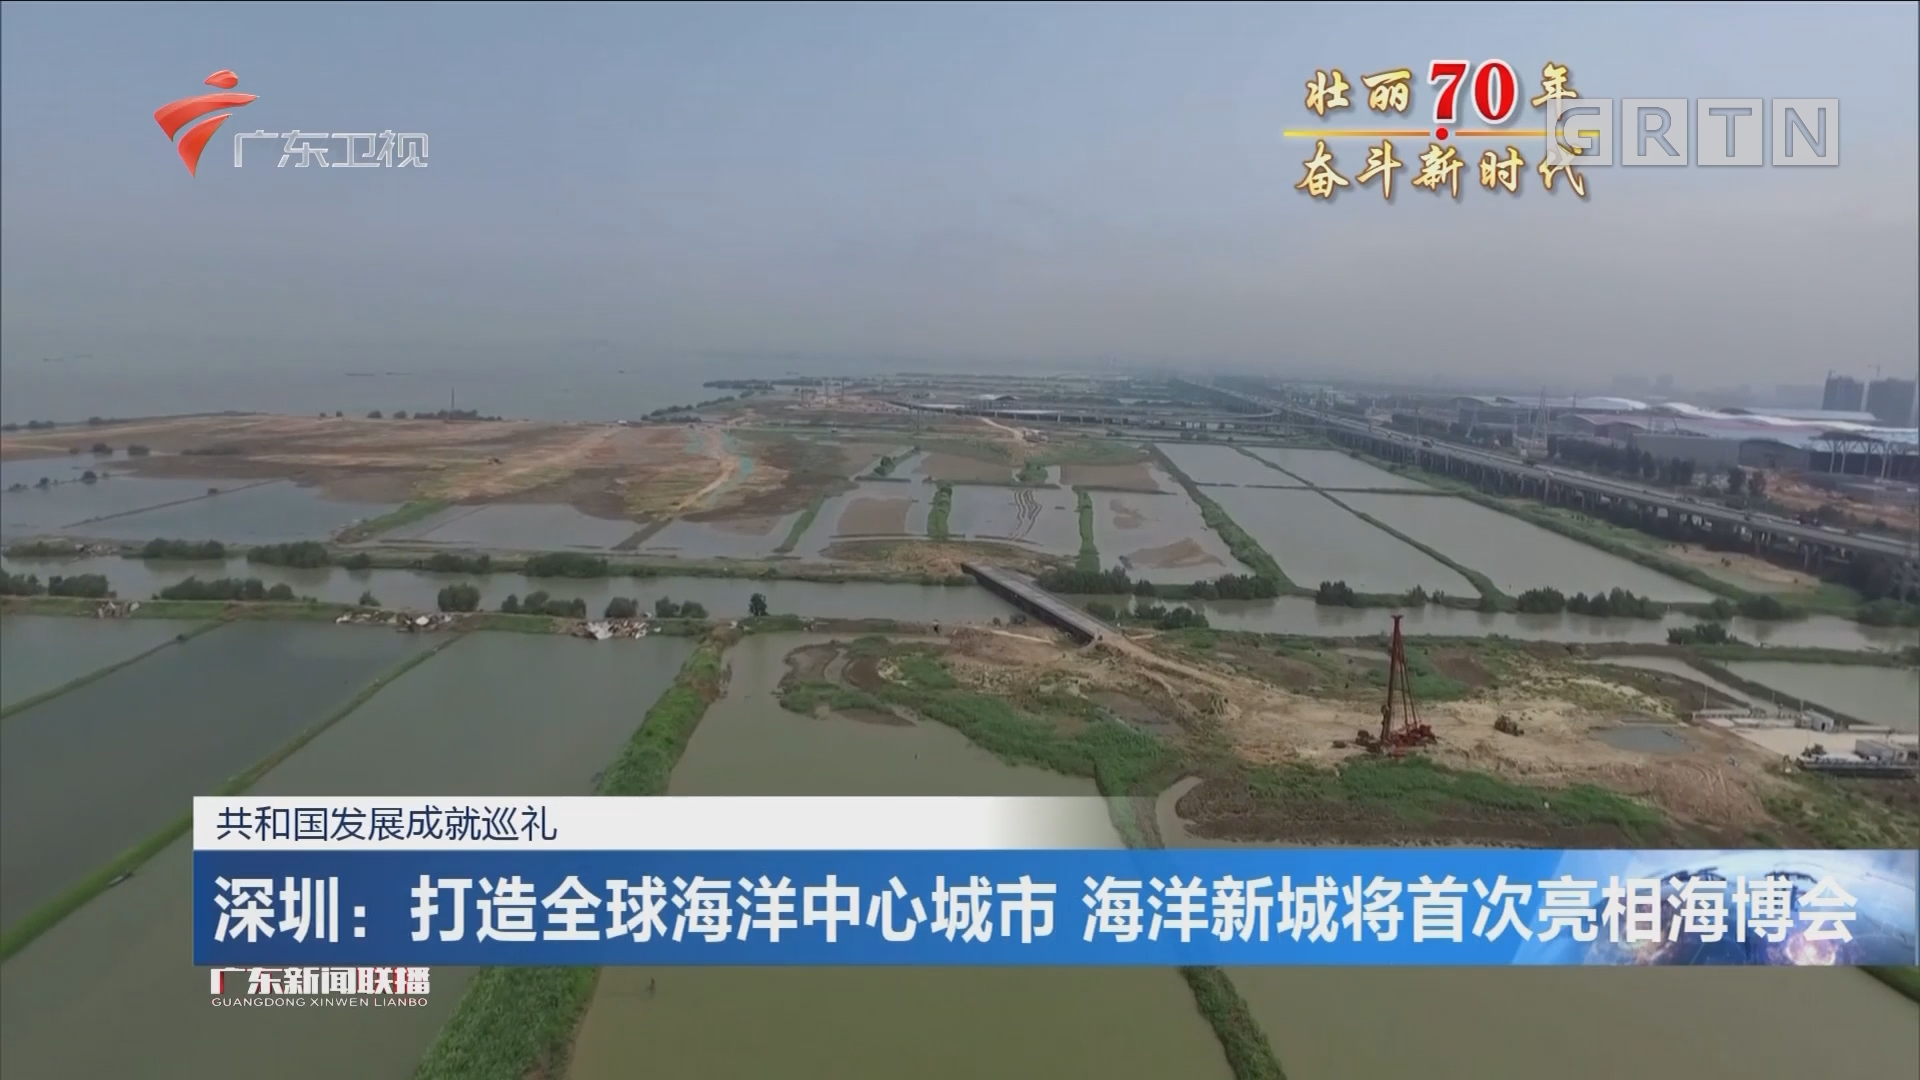 深圳:打造全球海洋中心城市 海洋新城将首次亮相海博会